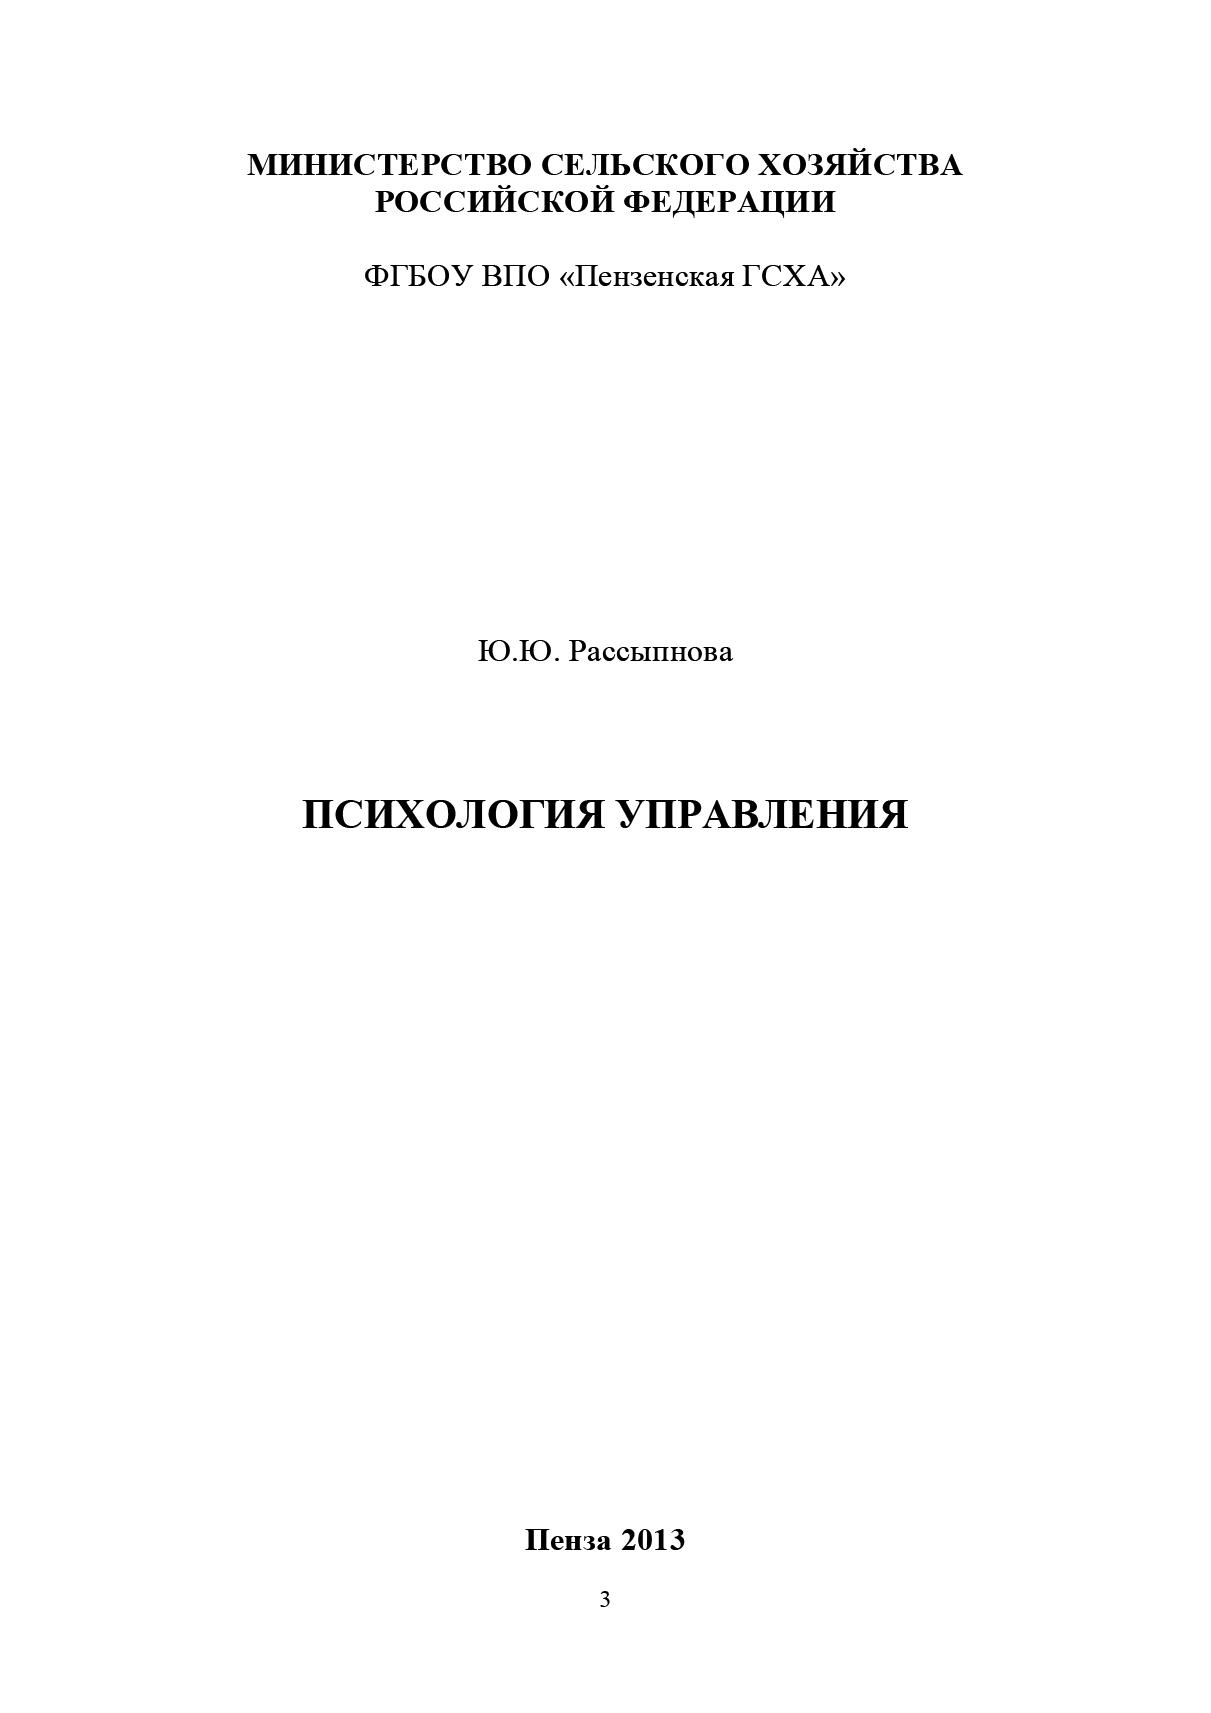 Ю. Ю. Рассыпнова Психология управления методические рекомендации по применению гос сметных норм на пусконаладочные работы мдс 81 27 2007